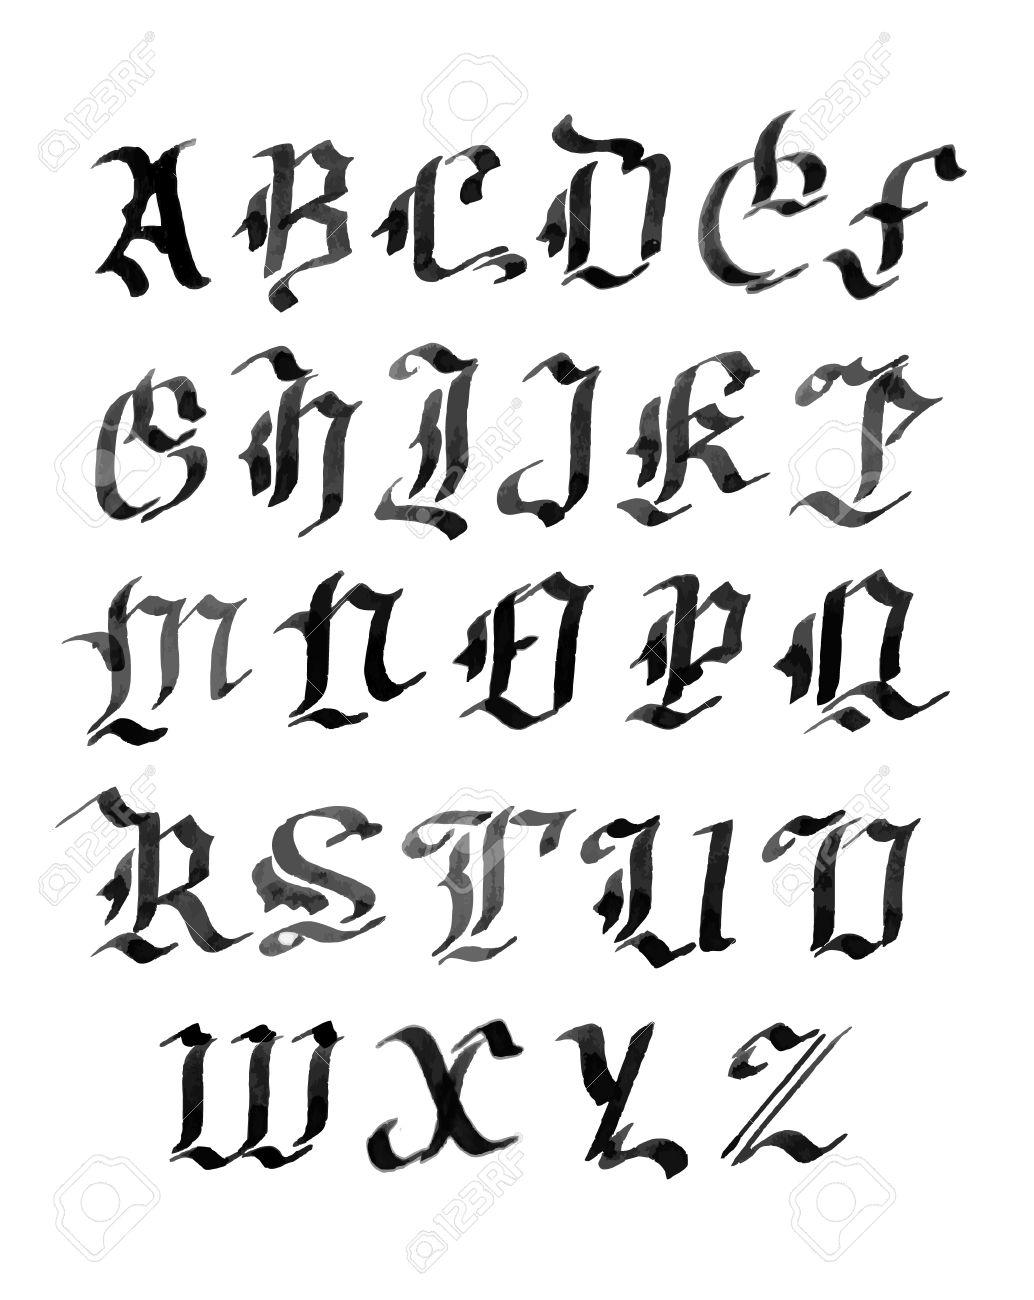 Main lettres tabli alphabet de style gothique encre clip art main lettres tabli alphabet de style gothique encre banque dimages 37863312 thecheapjerseys Choice Image